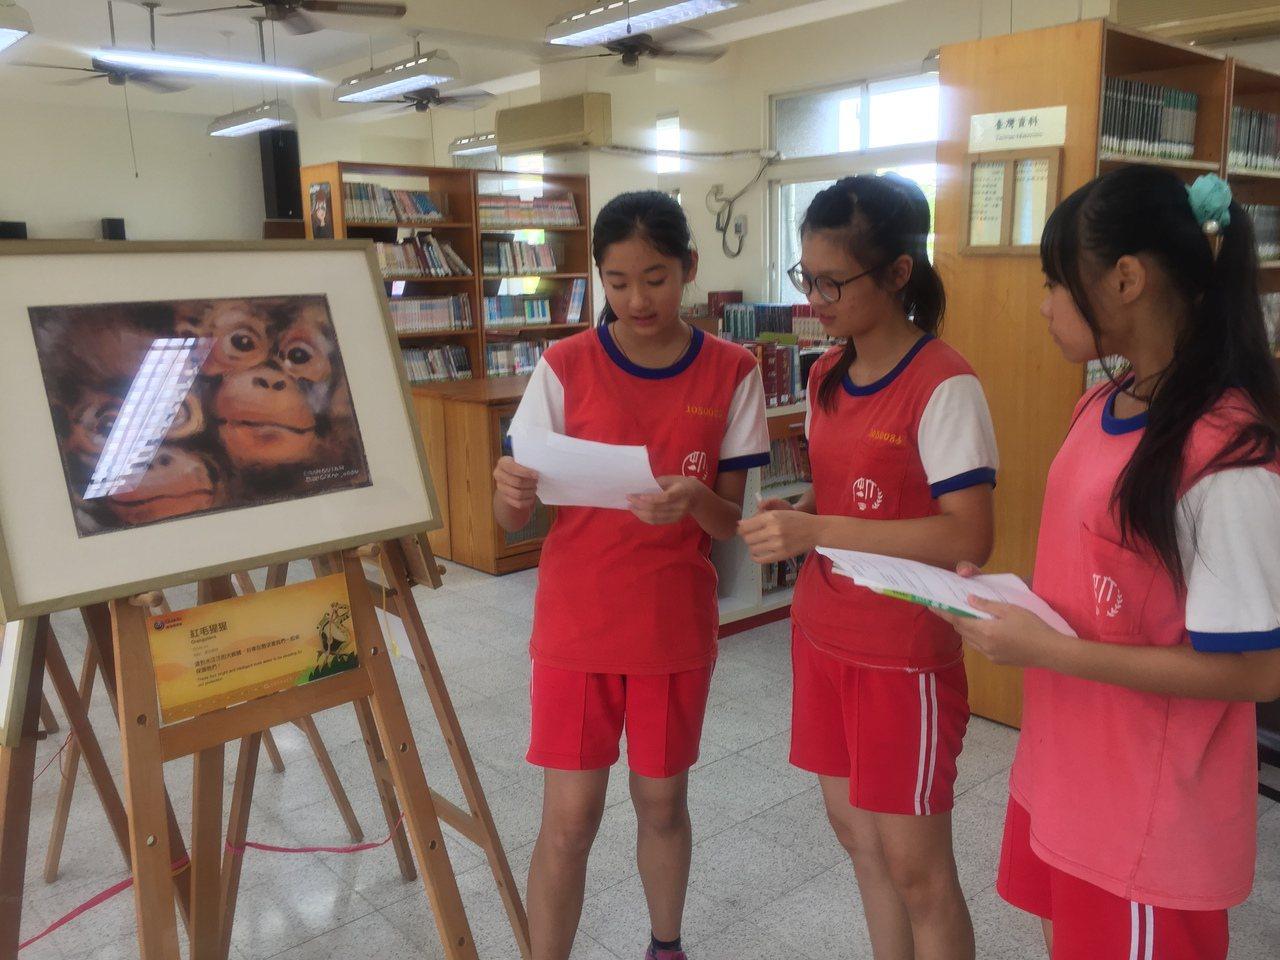 劉其偉藝特展,有導覽的學生志工講解。記者吳政修/攝影